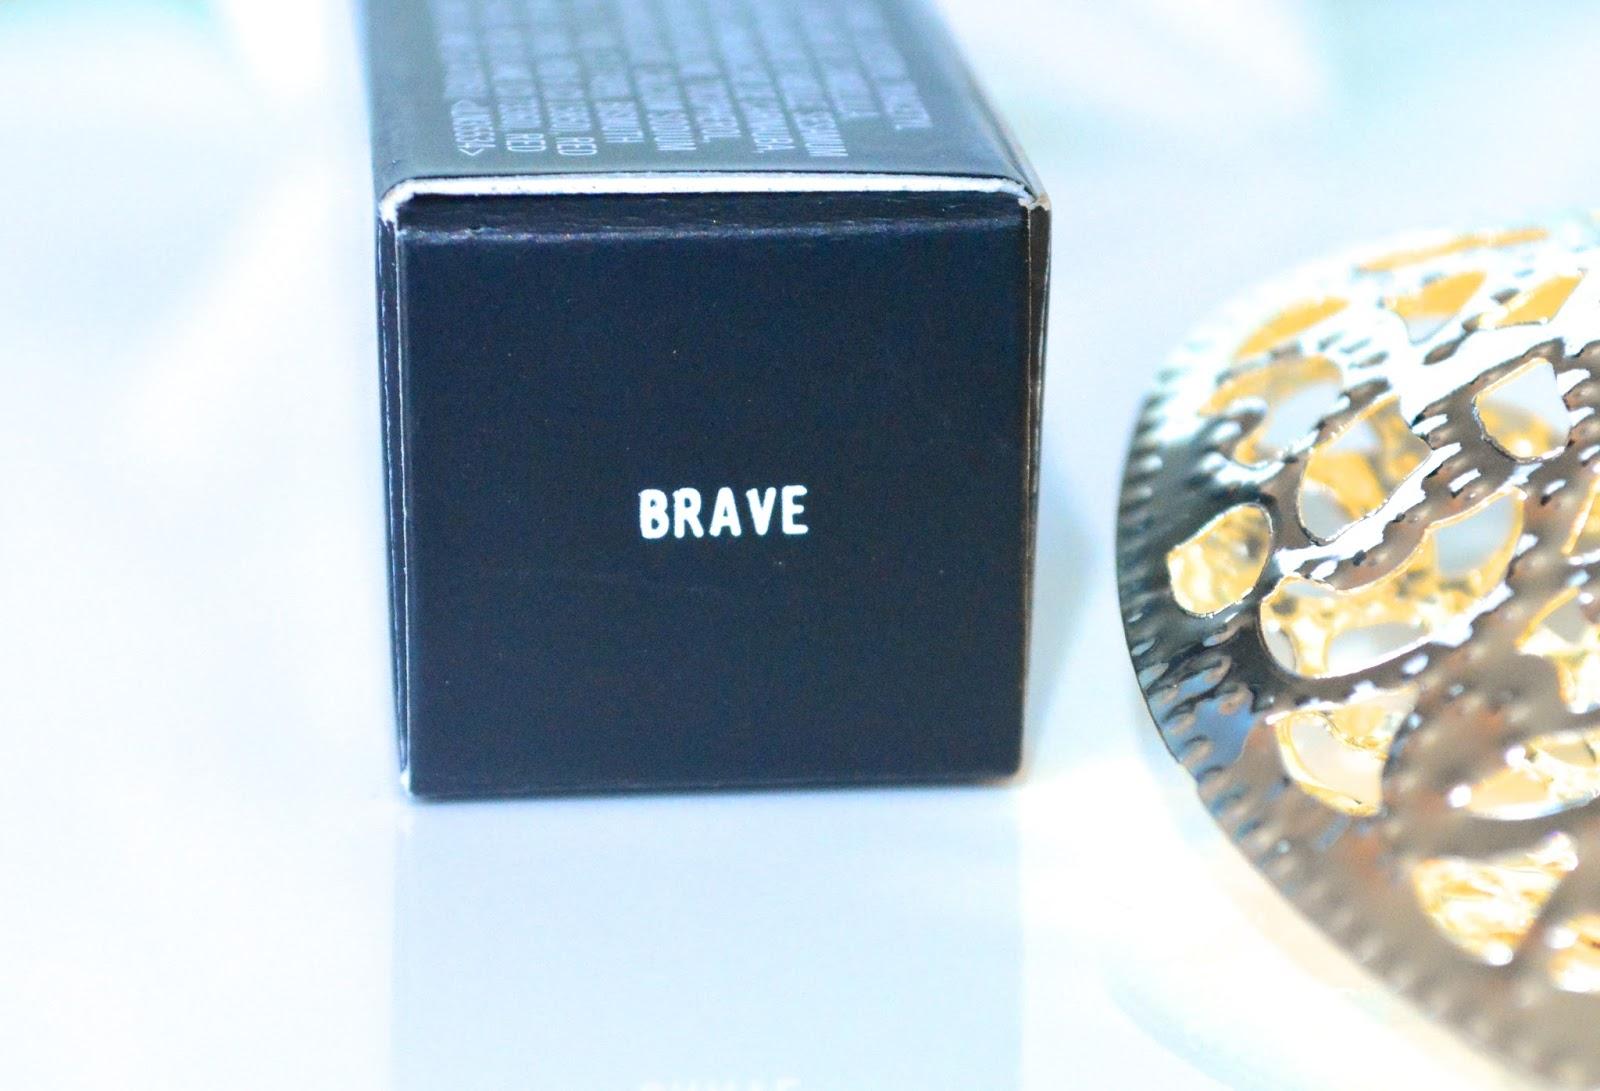 Mac Brave Lipstick, Kylie Jenner Pout, Kylie Jenner Brave